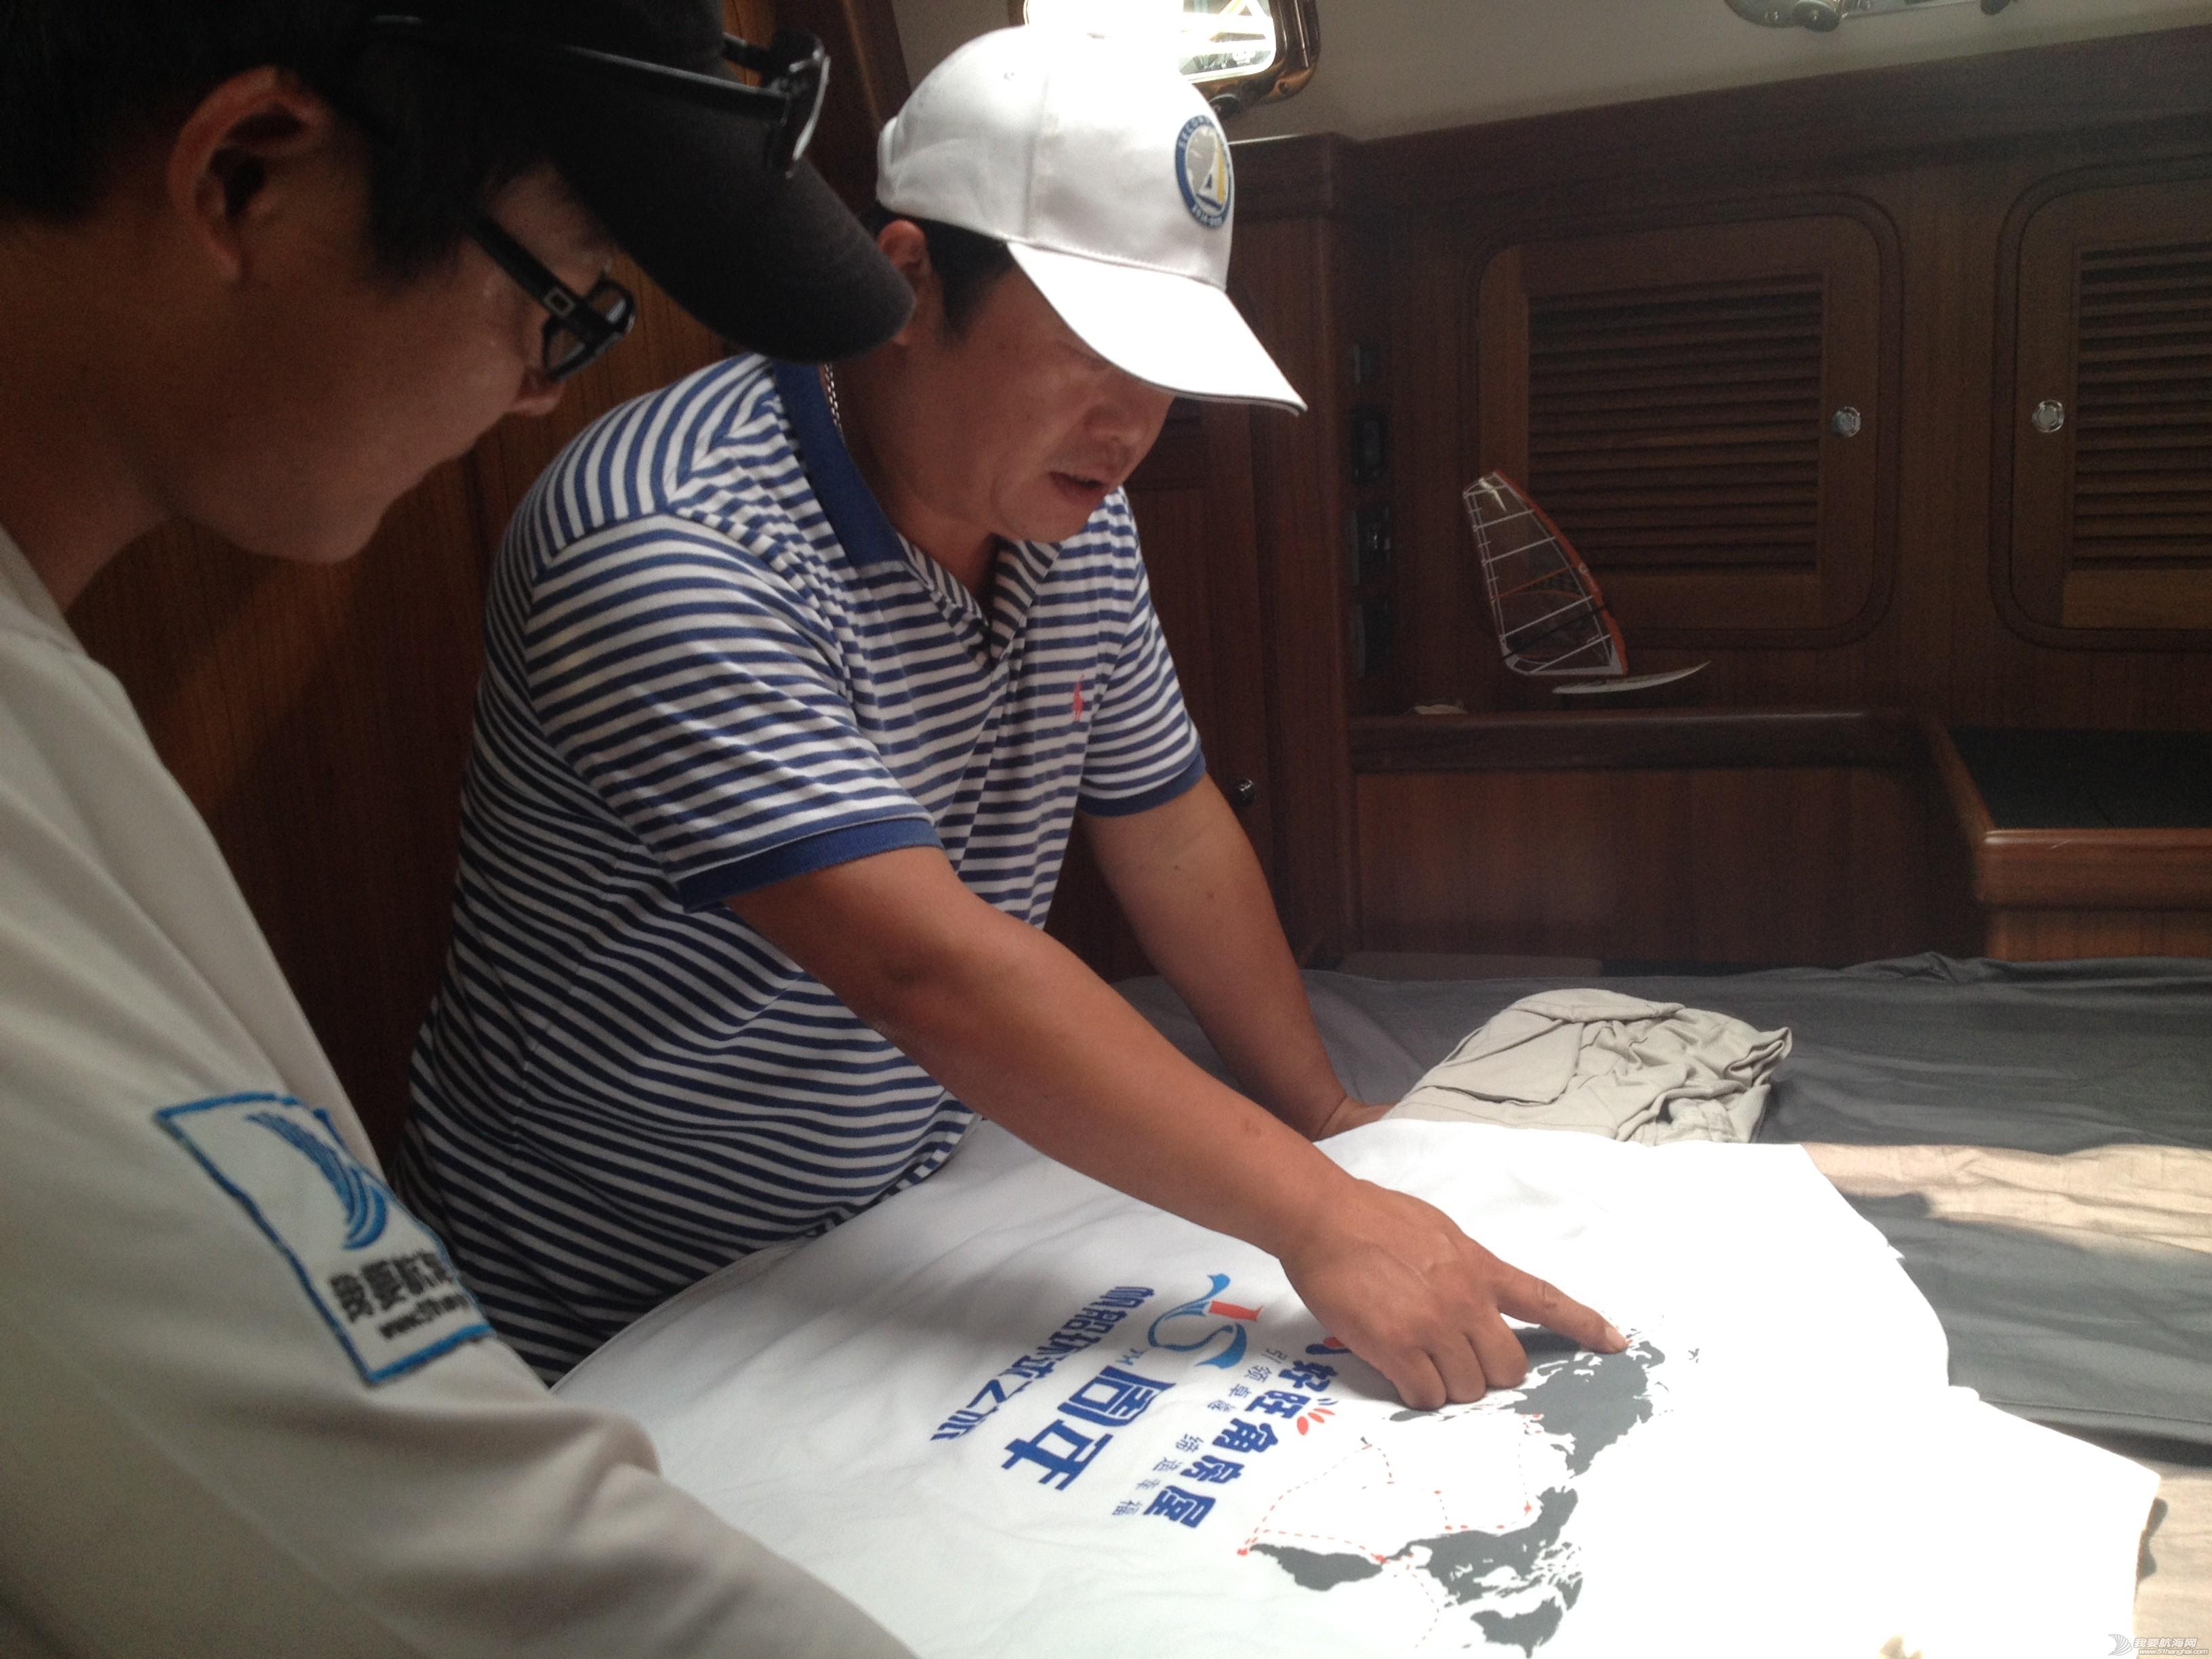 薛家平拜访7月即将开始环球航行的高民船长并交流航海路线 IMG_5082.JPG